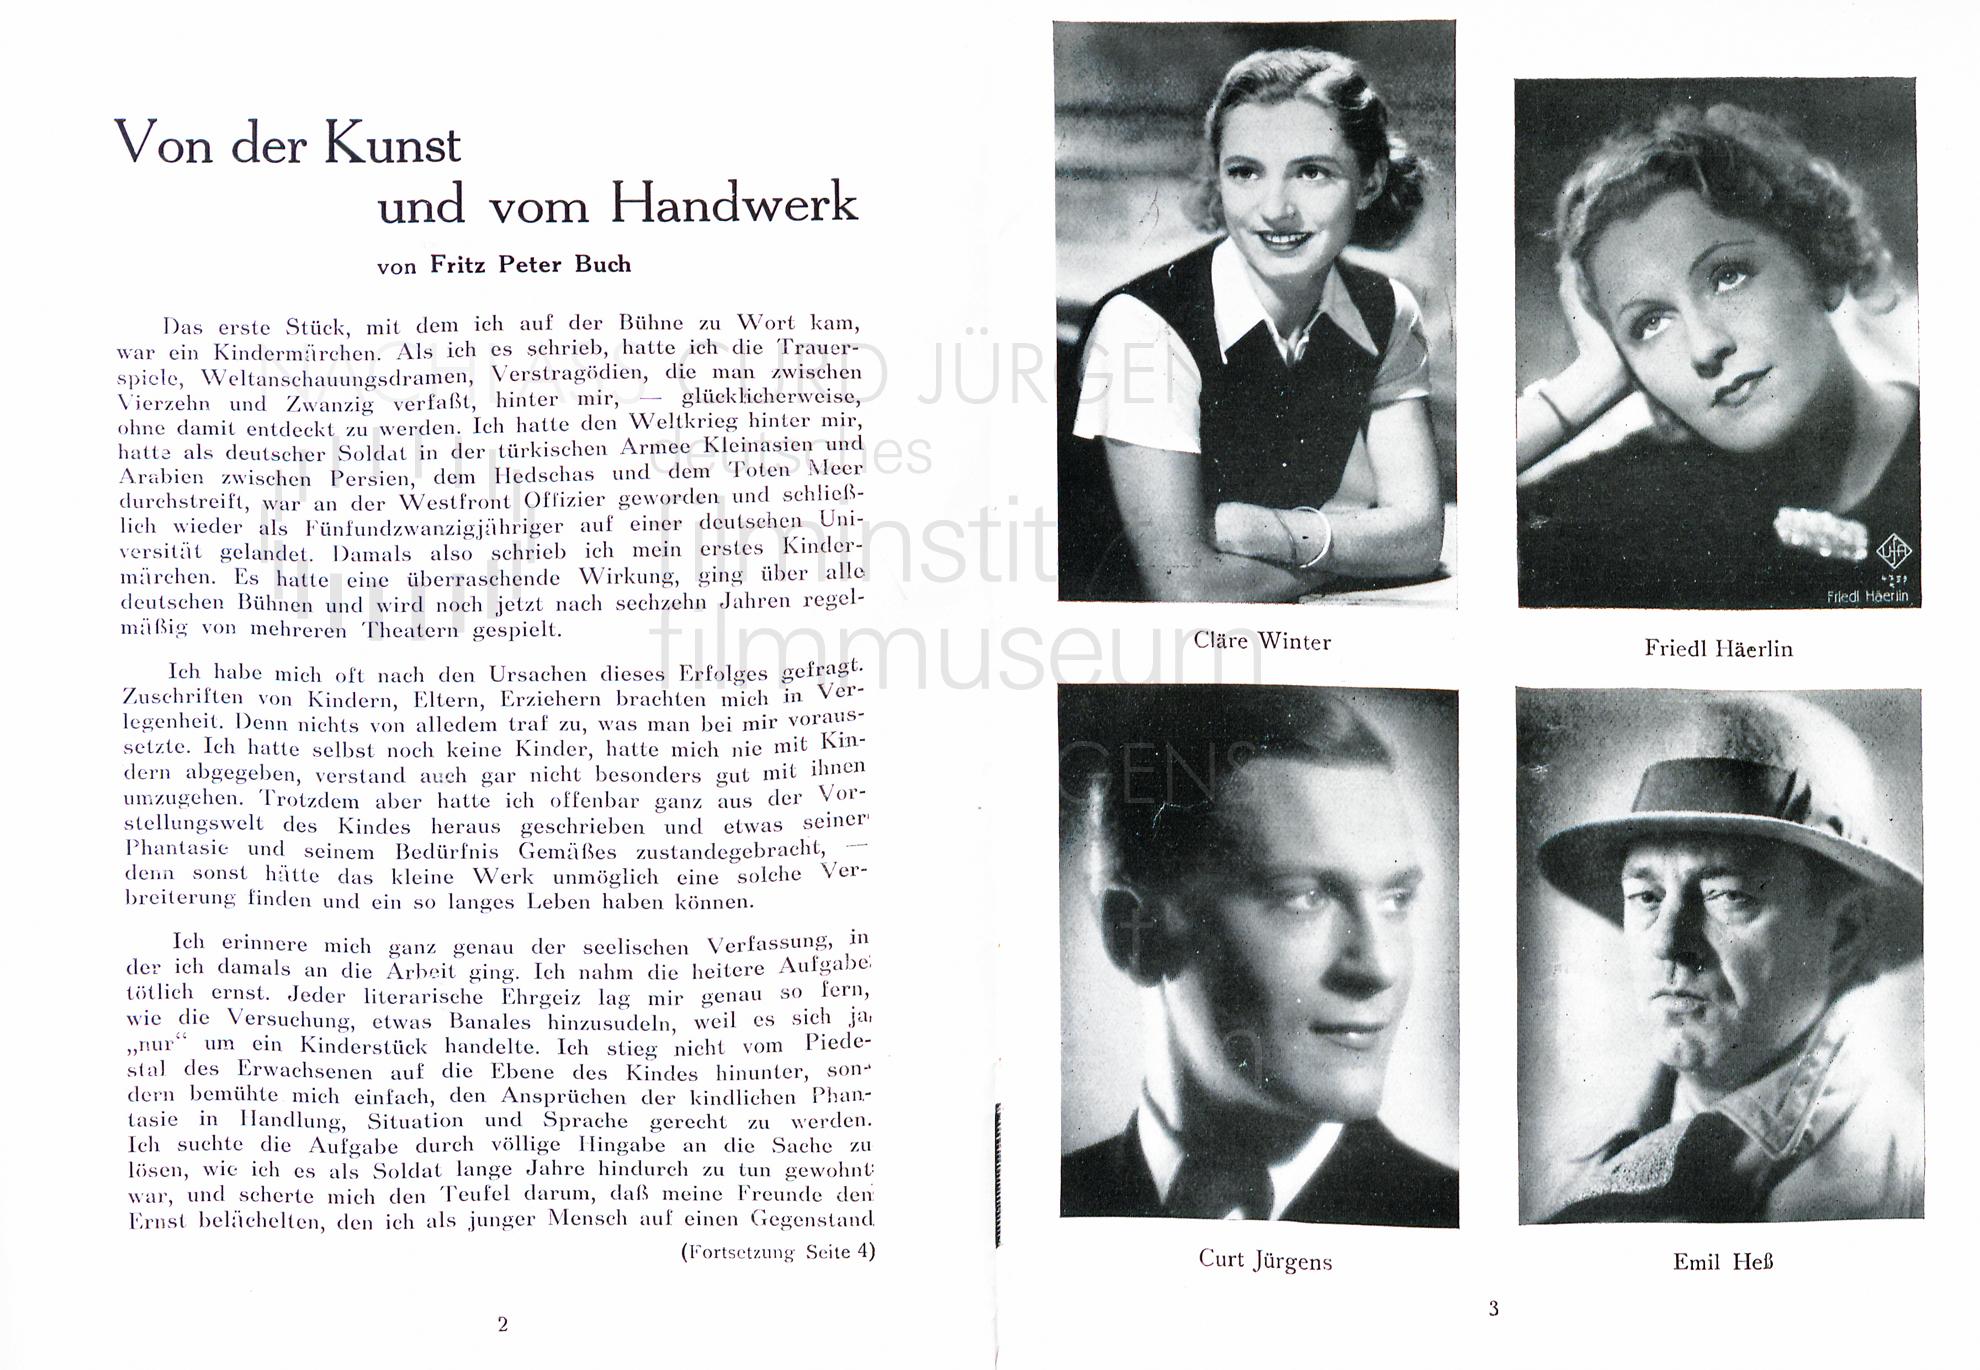 """""""Ein ganzer Kerl"""" Programm. Komödie am Kurfürstendamm, 1938"""